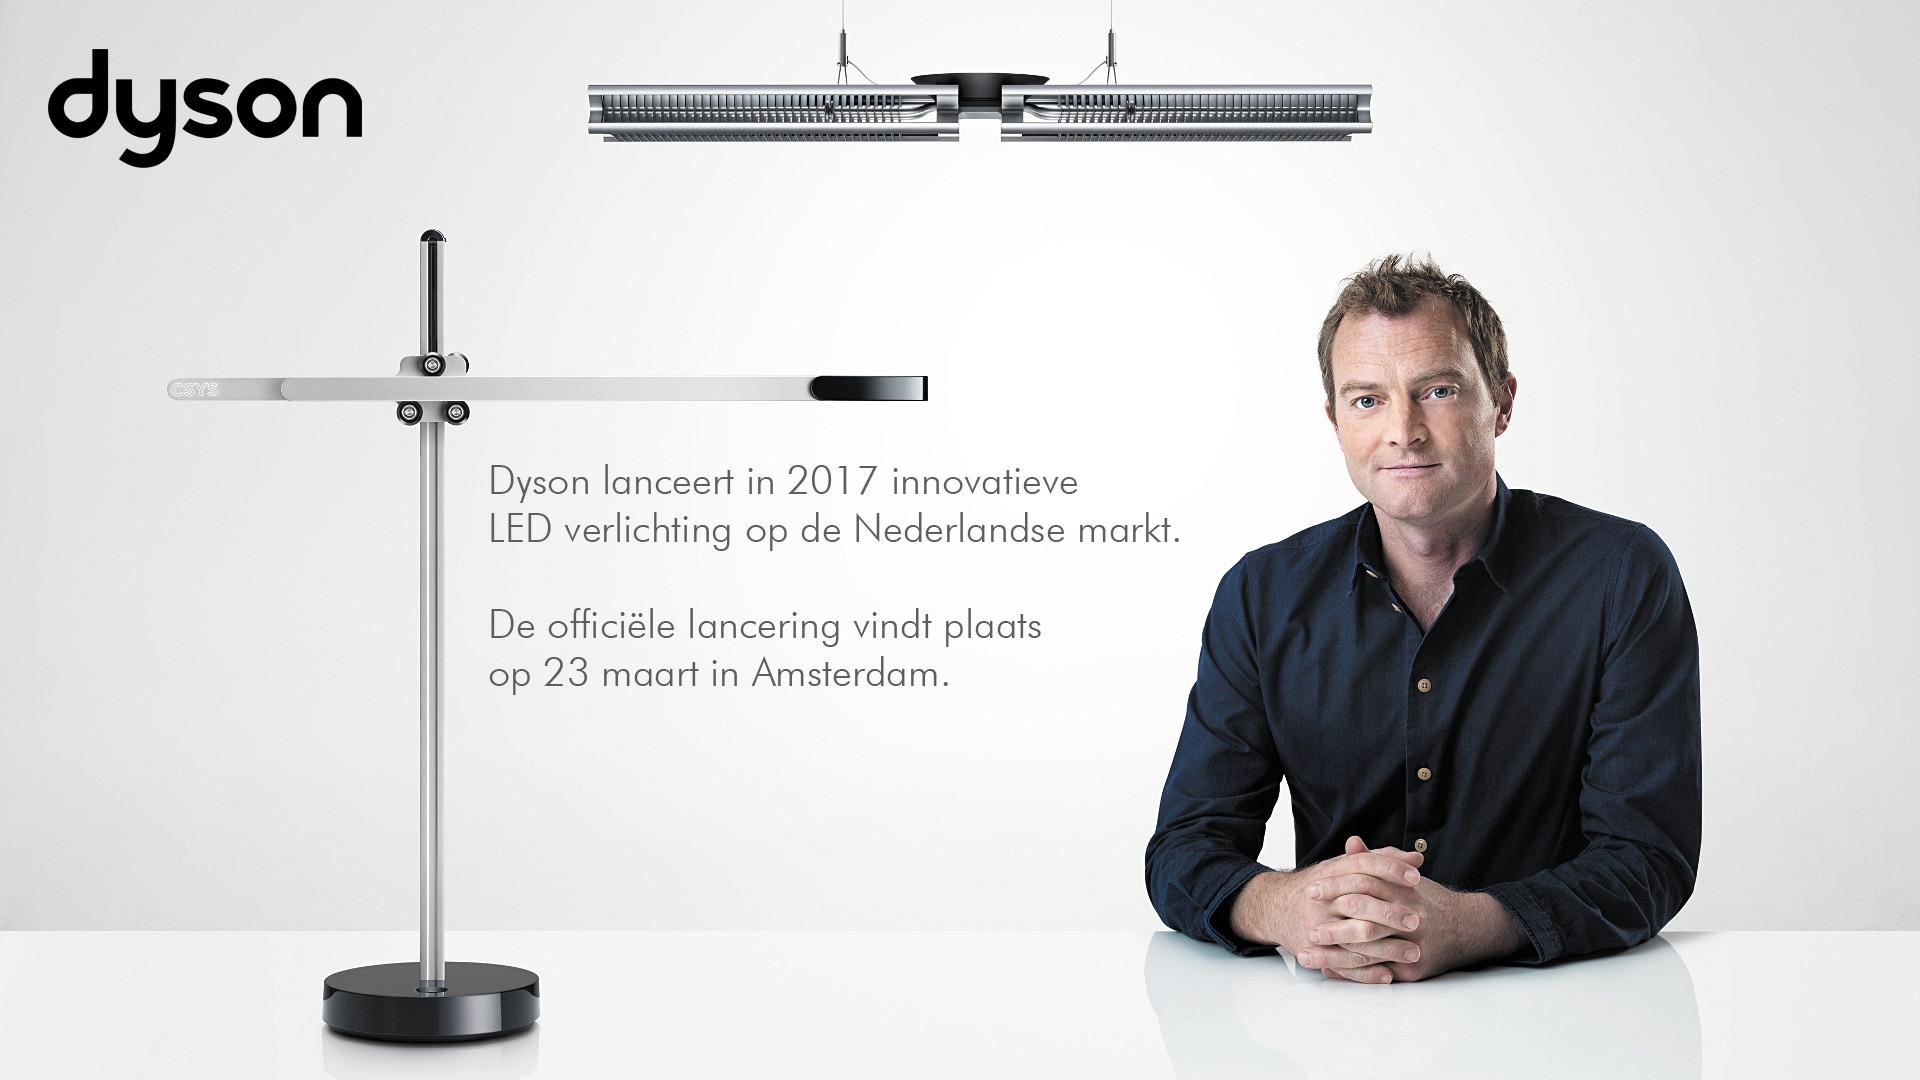 https://www.verlichting.nl/nieuws/_files/2505_nieuws-original.jpg